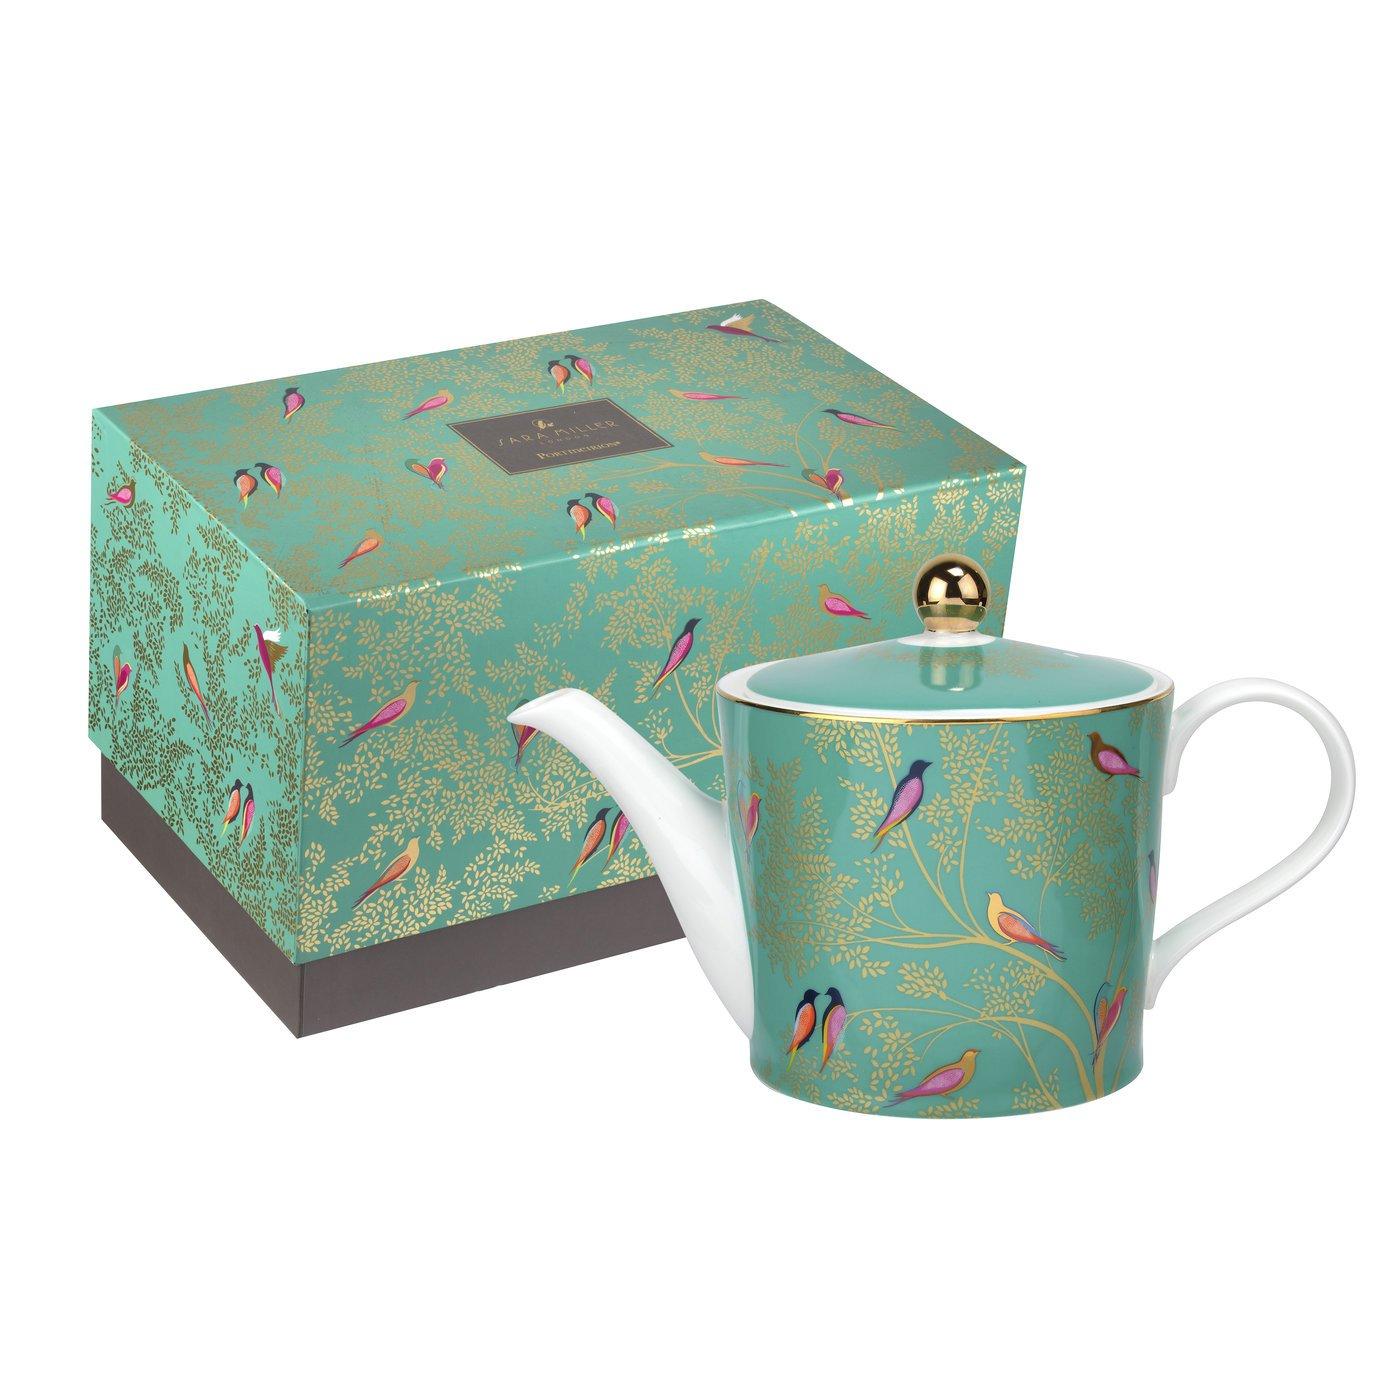 Portmeirion Teapot Green SMC78923-XG